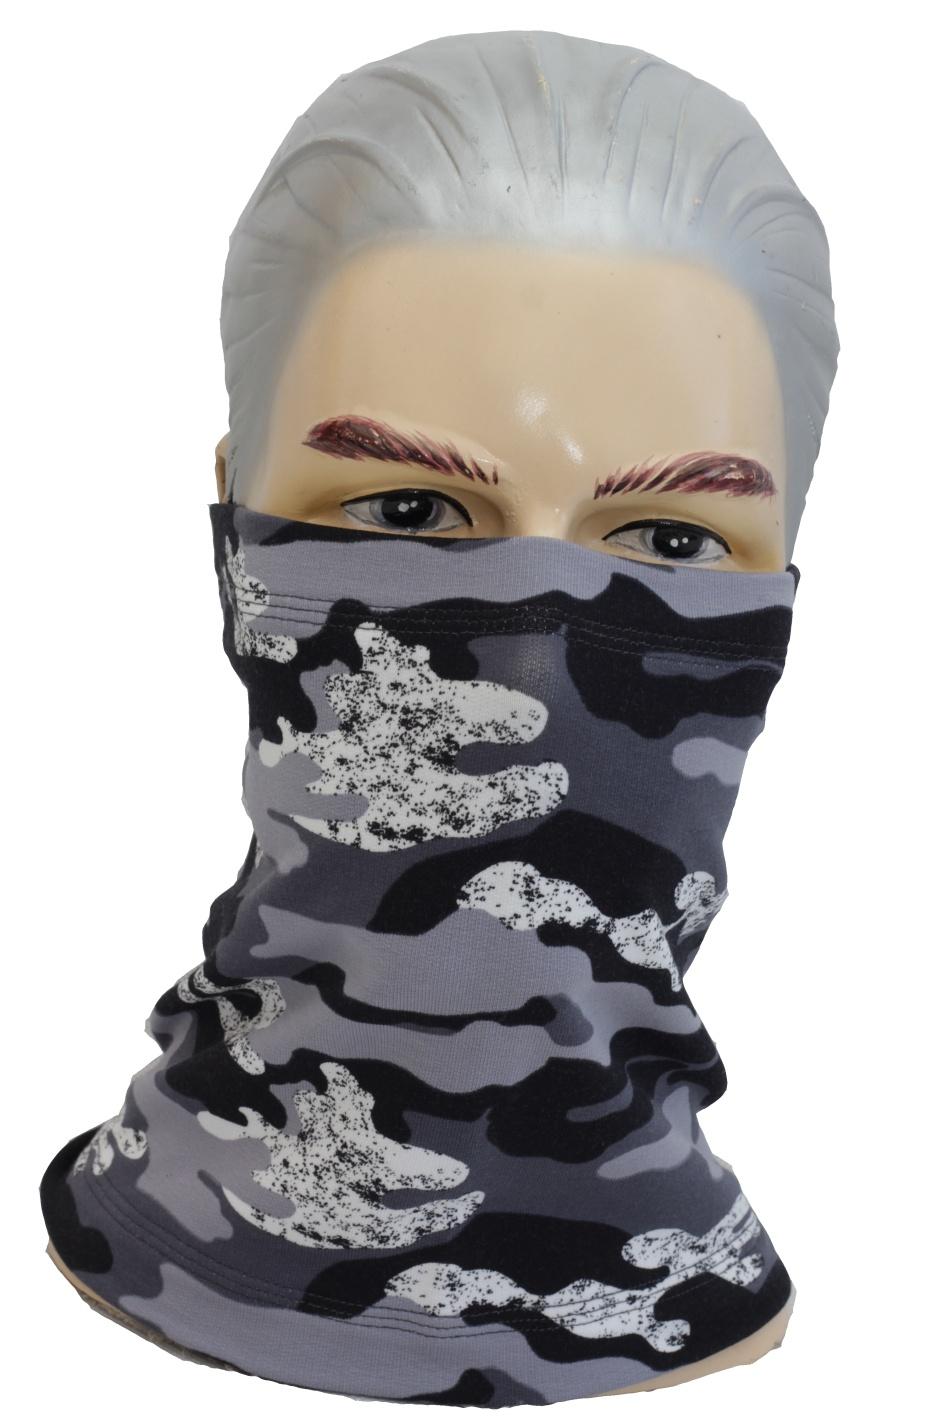 Tunelové bavlnené rúško, šatka pre dospelých - dámska, pánska